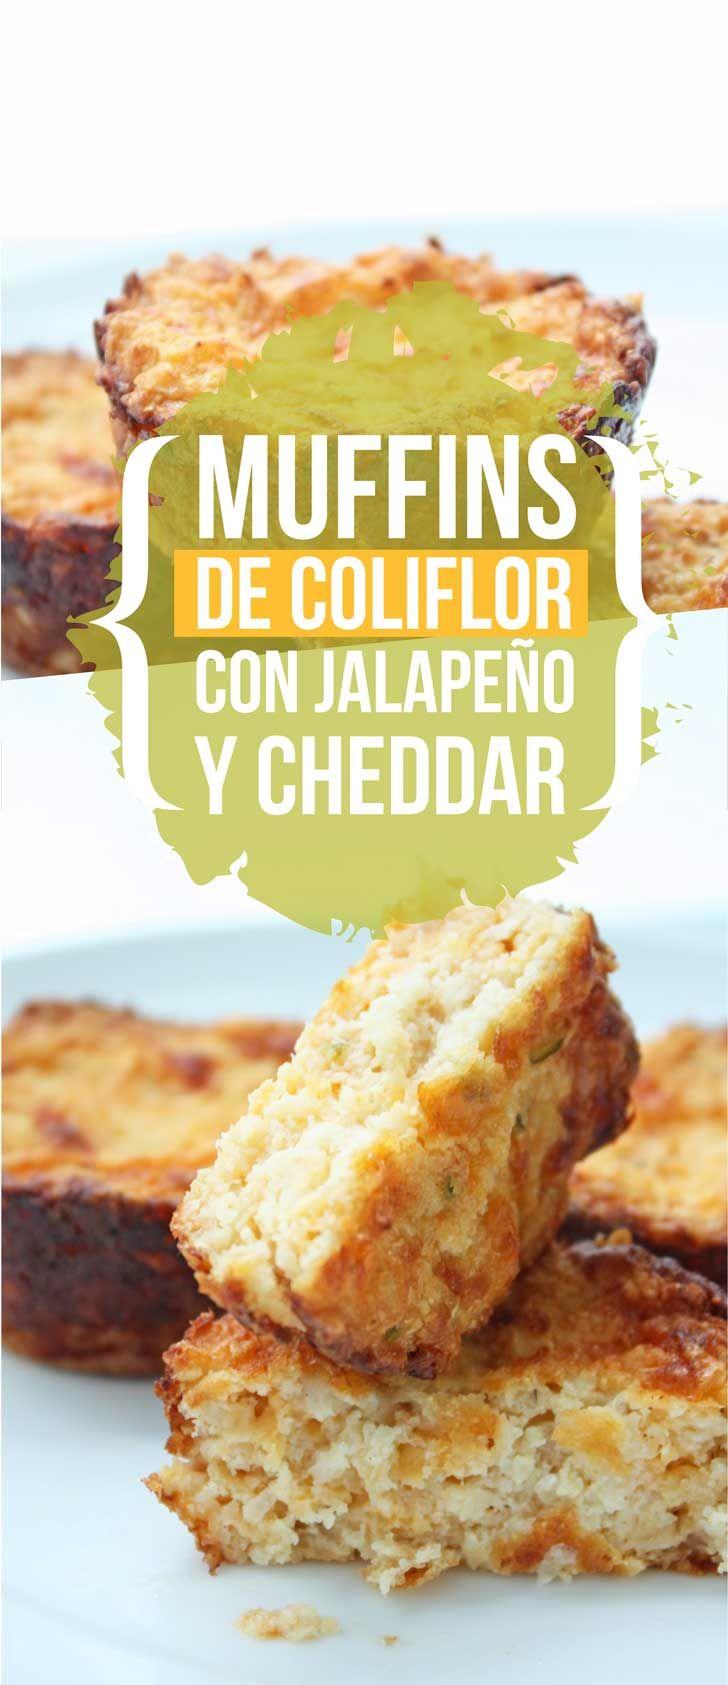 Muffins de coliflor con jalapeño y cheddar ¡Bajos en carbohidratos y libres de gluten! | Upsocl